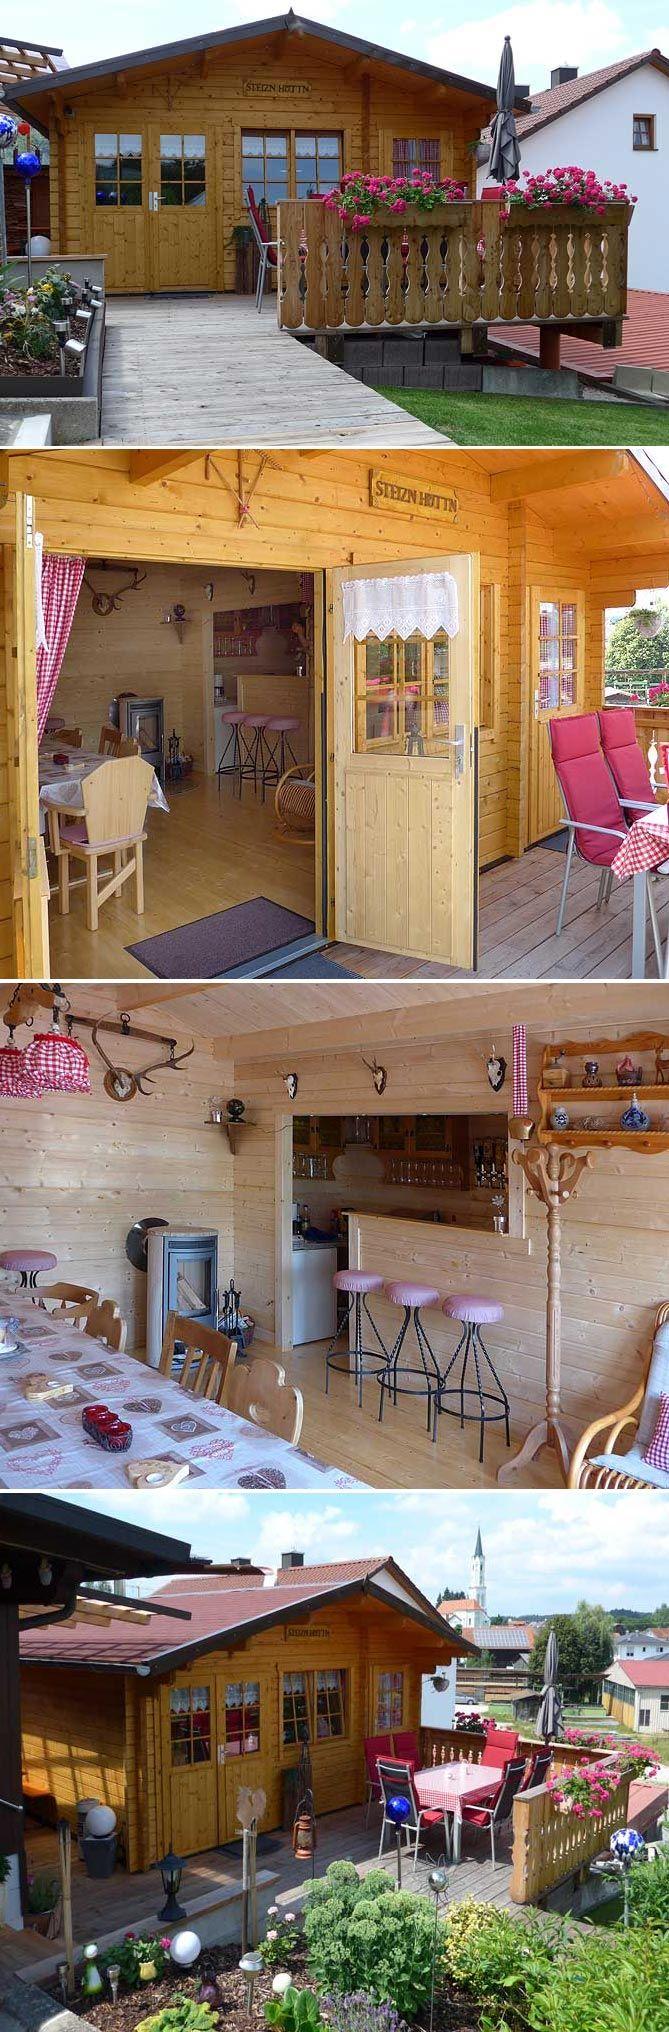 die besten 25 stelzen ideen auf pinterest spielhaus auf stelzen spielhaus f r kinder und. Black Bedroom Furniture Sets. Home Design Ideas